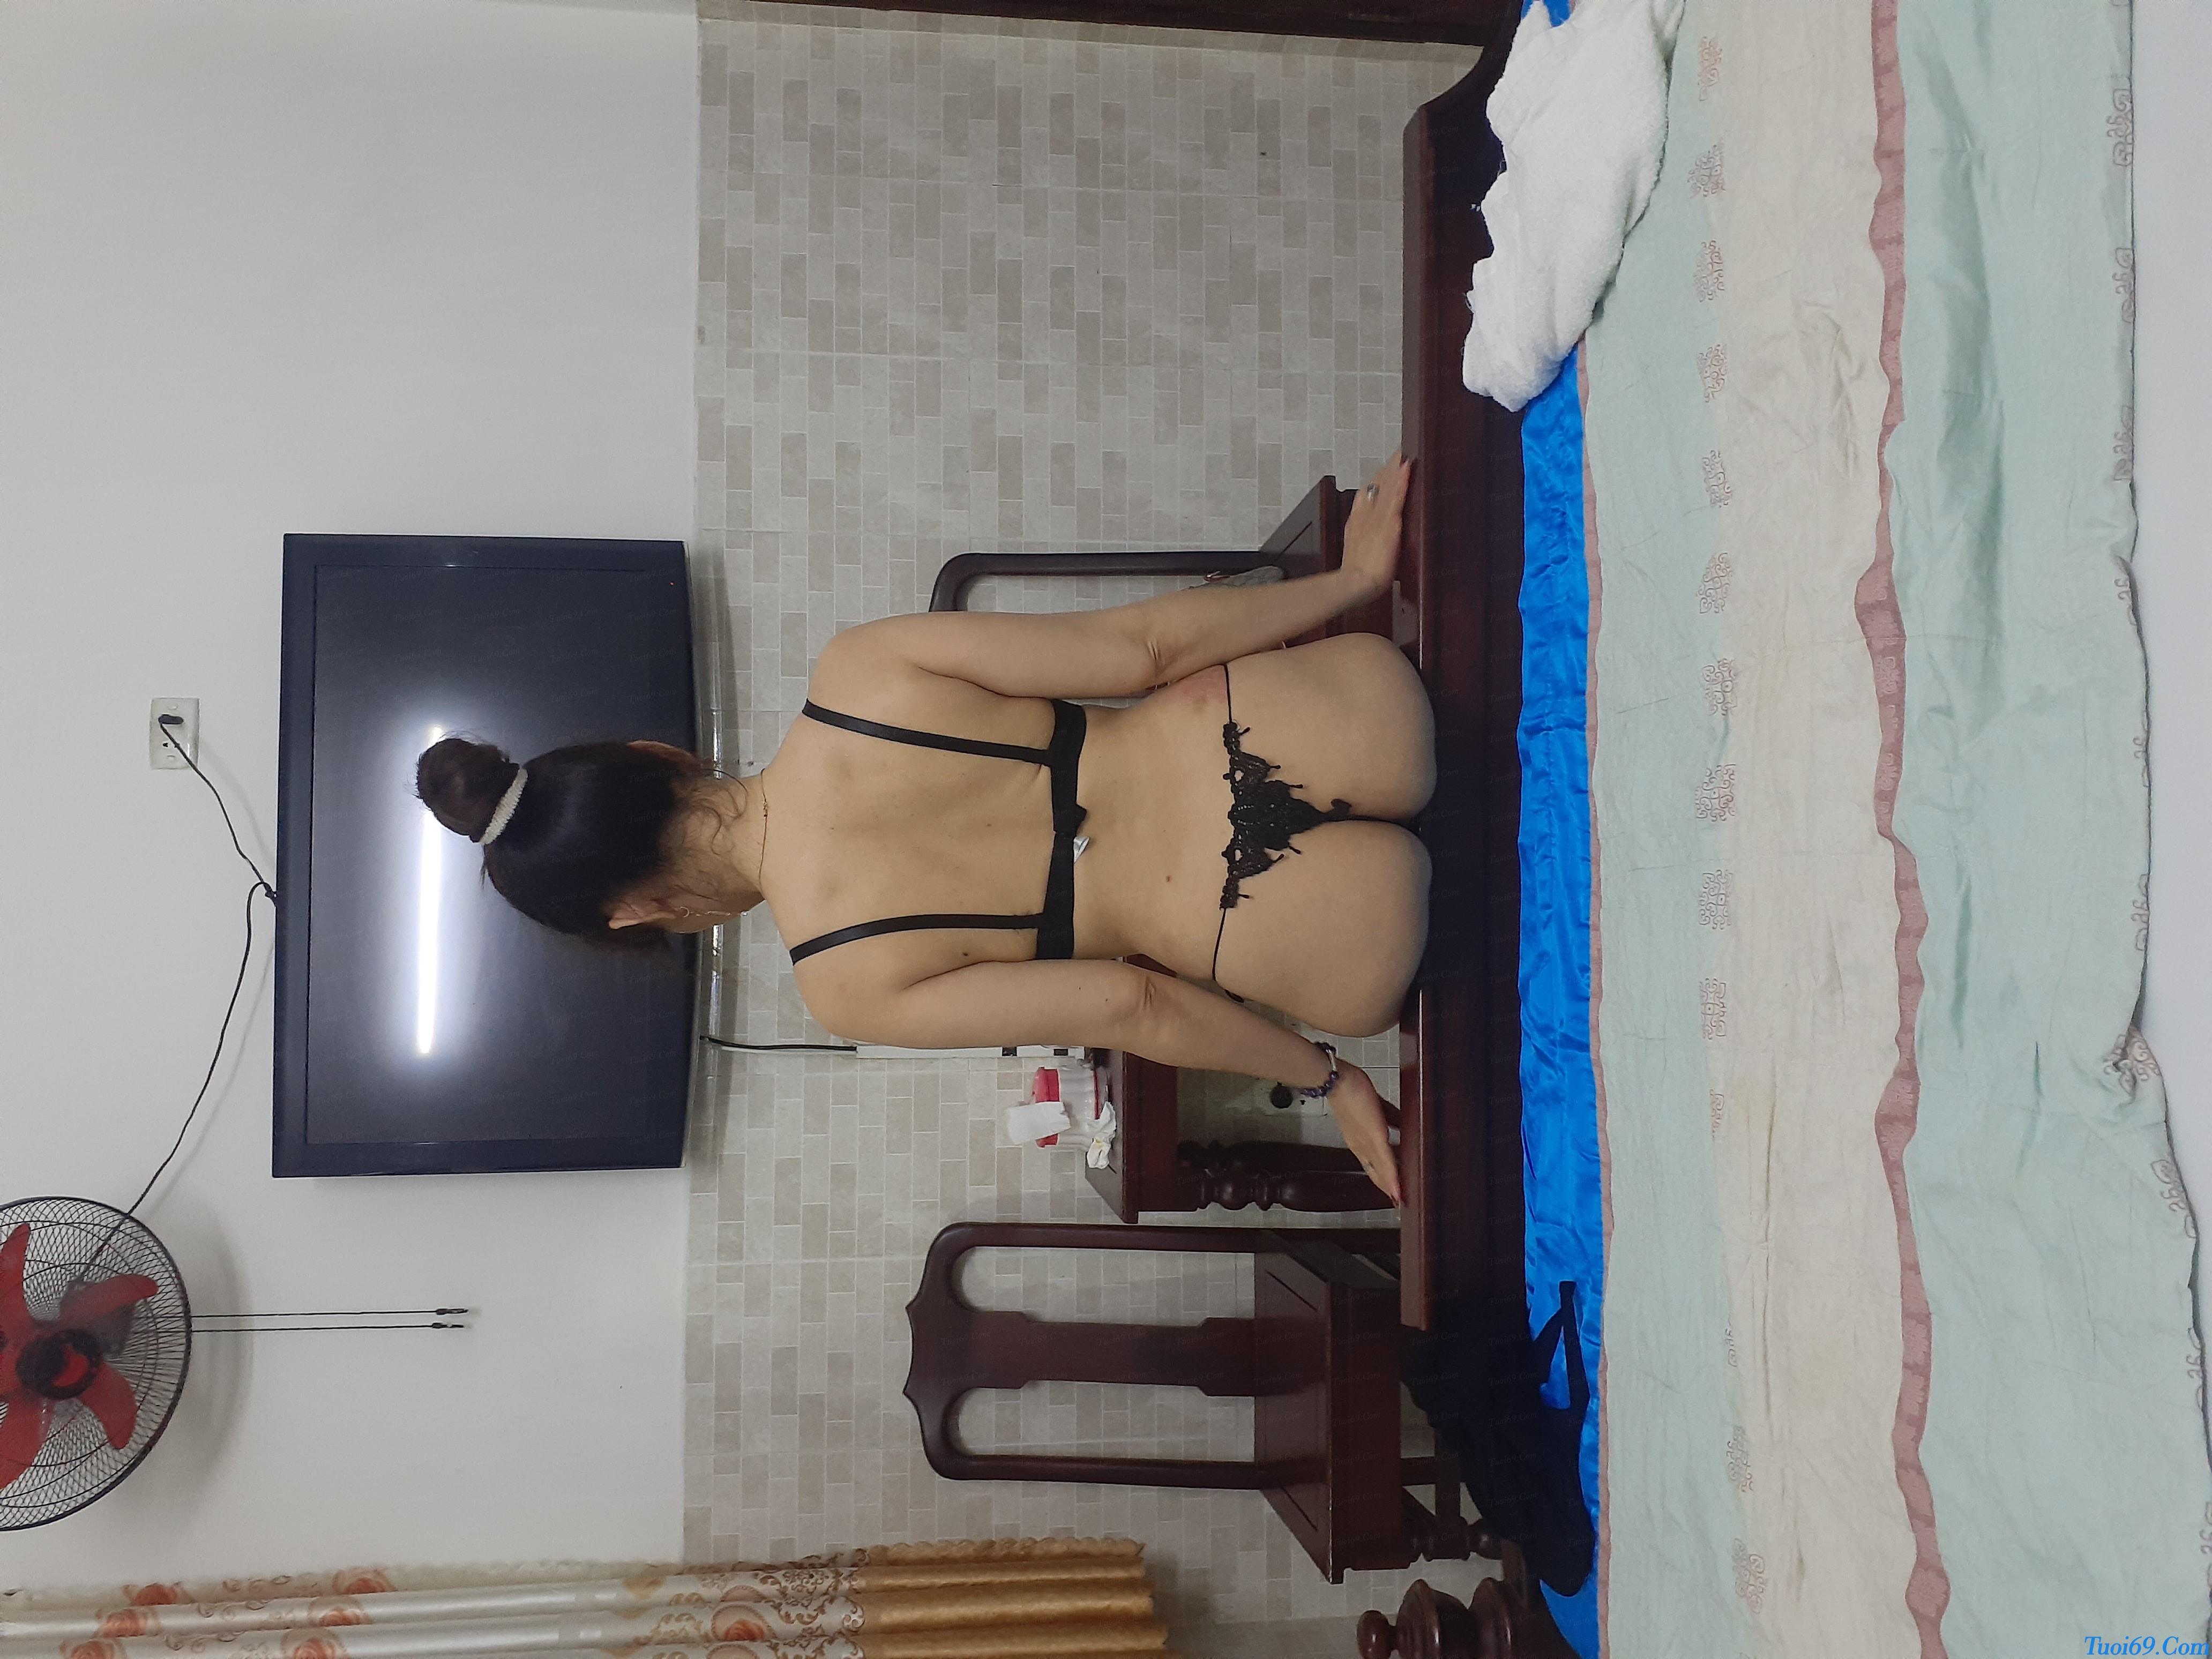 tuoi69net-review-em-gai-lan-huong-dam-nu-dang-yeu-chieu-khach-18